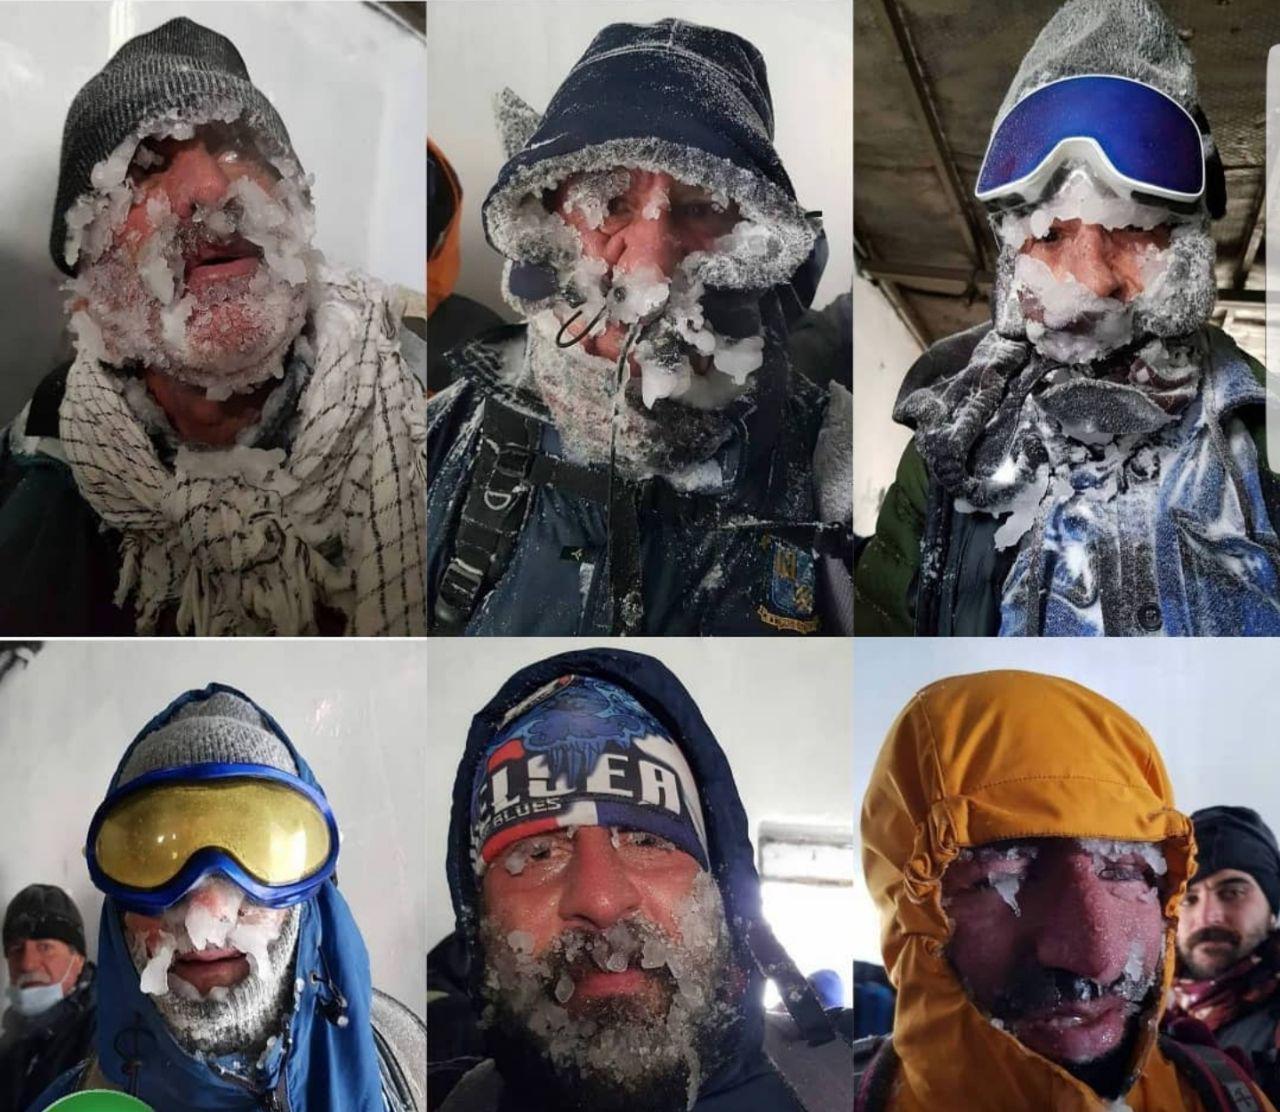 اولین تصاویر از کوهنوردان یخ بسته در ارتفاعات تهران